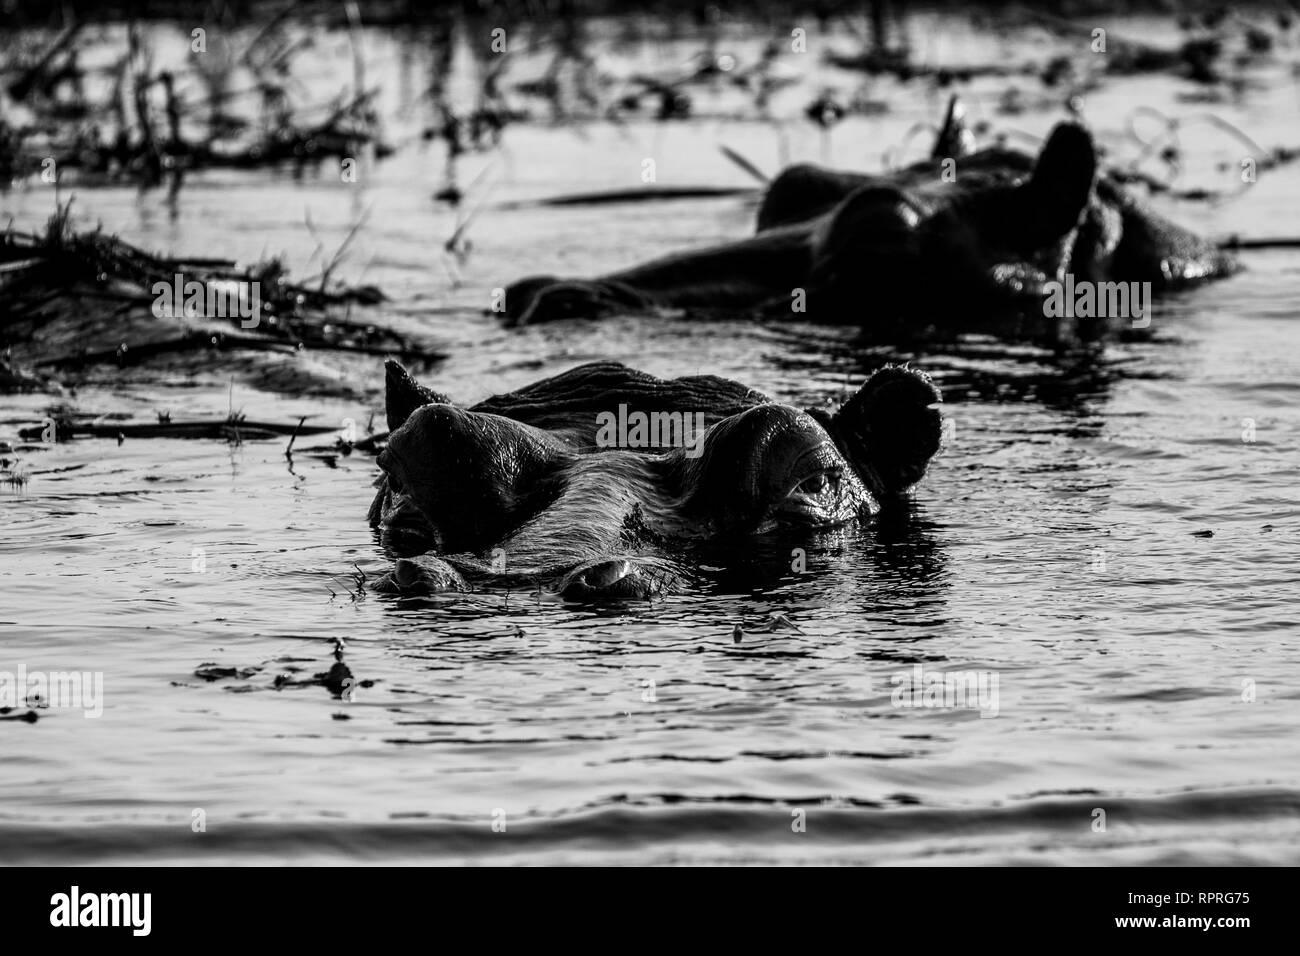 Hippo (Hippopotamus amphibius) resting in the water, Chobe National Park in Botswana - Stock Image